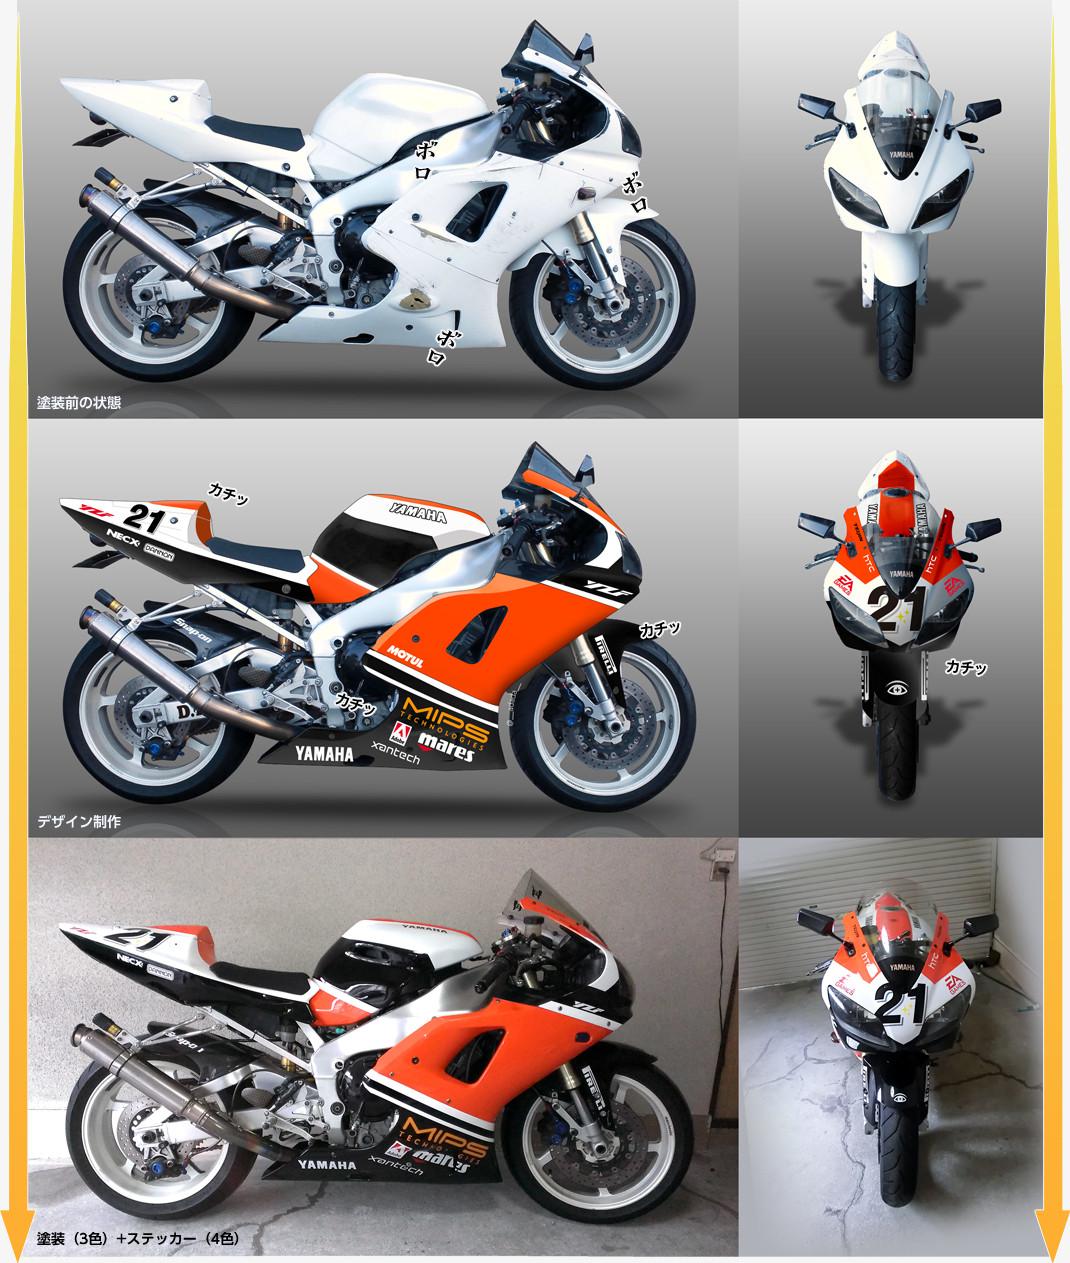 【 依頼内容:YZF-R1(98年式)カウル一式 】      このバイクが発売された当時、公道レース(マン島・NW200)に参加していたプライベーターチームのようなデザイン     塗装(3色)+スポンサーロゴステッカー(4色)     使用全ロゴデータ製作     写真背景トリミング(デザインオプション)